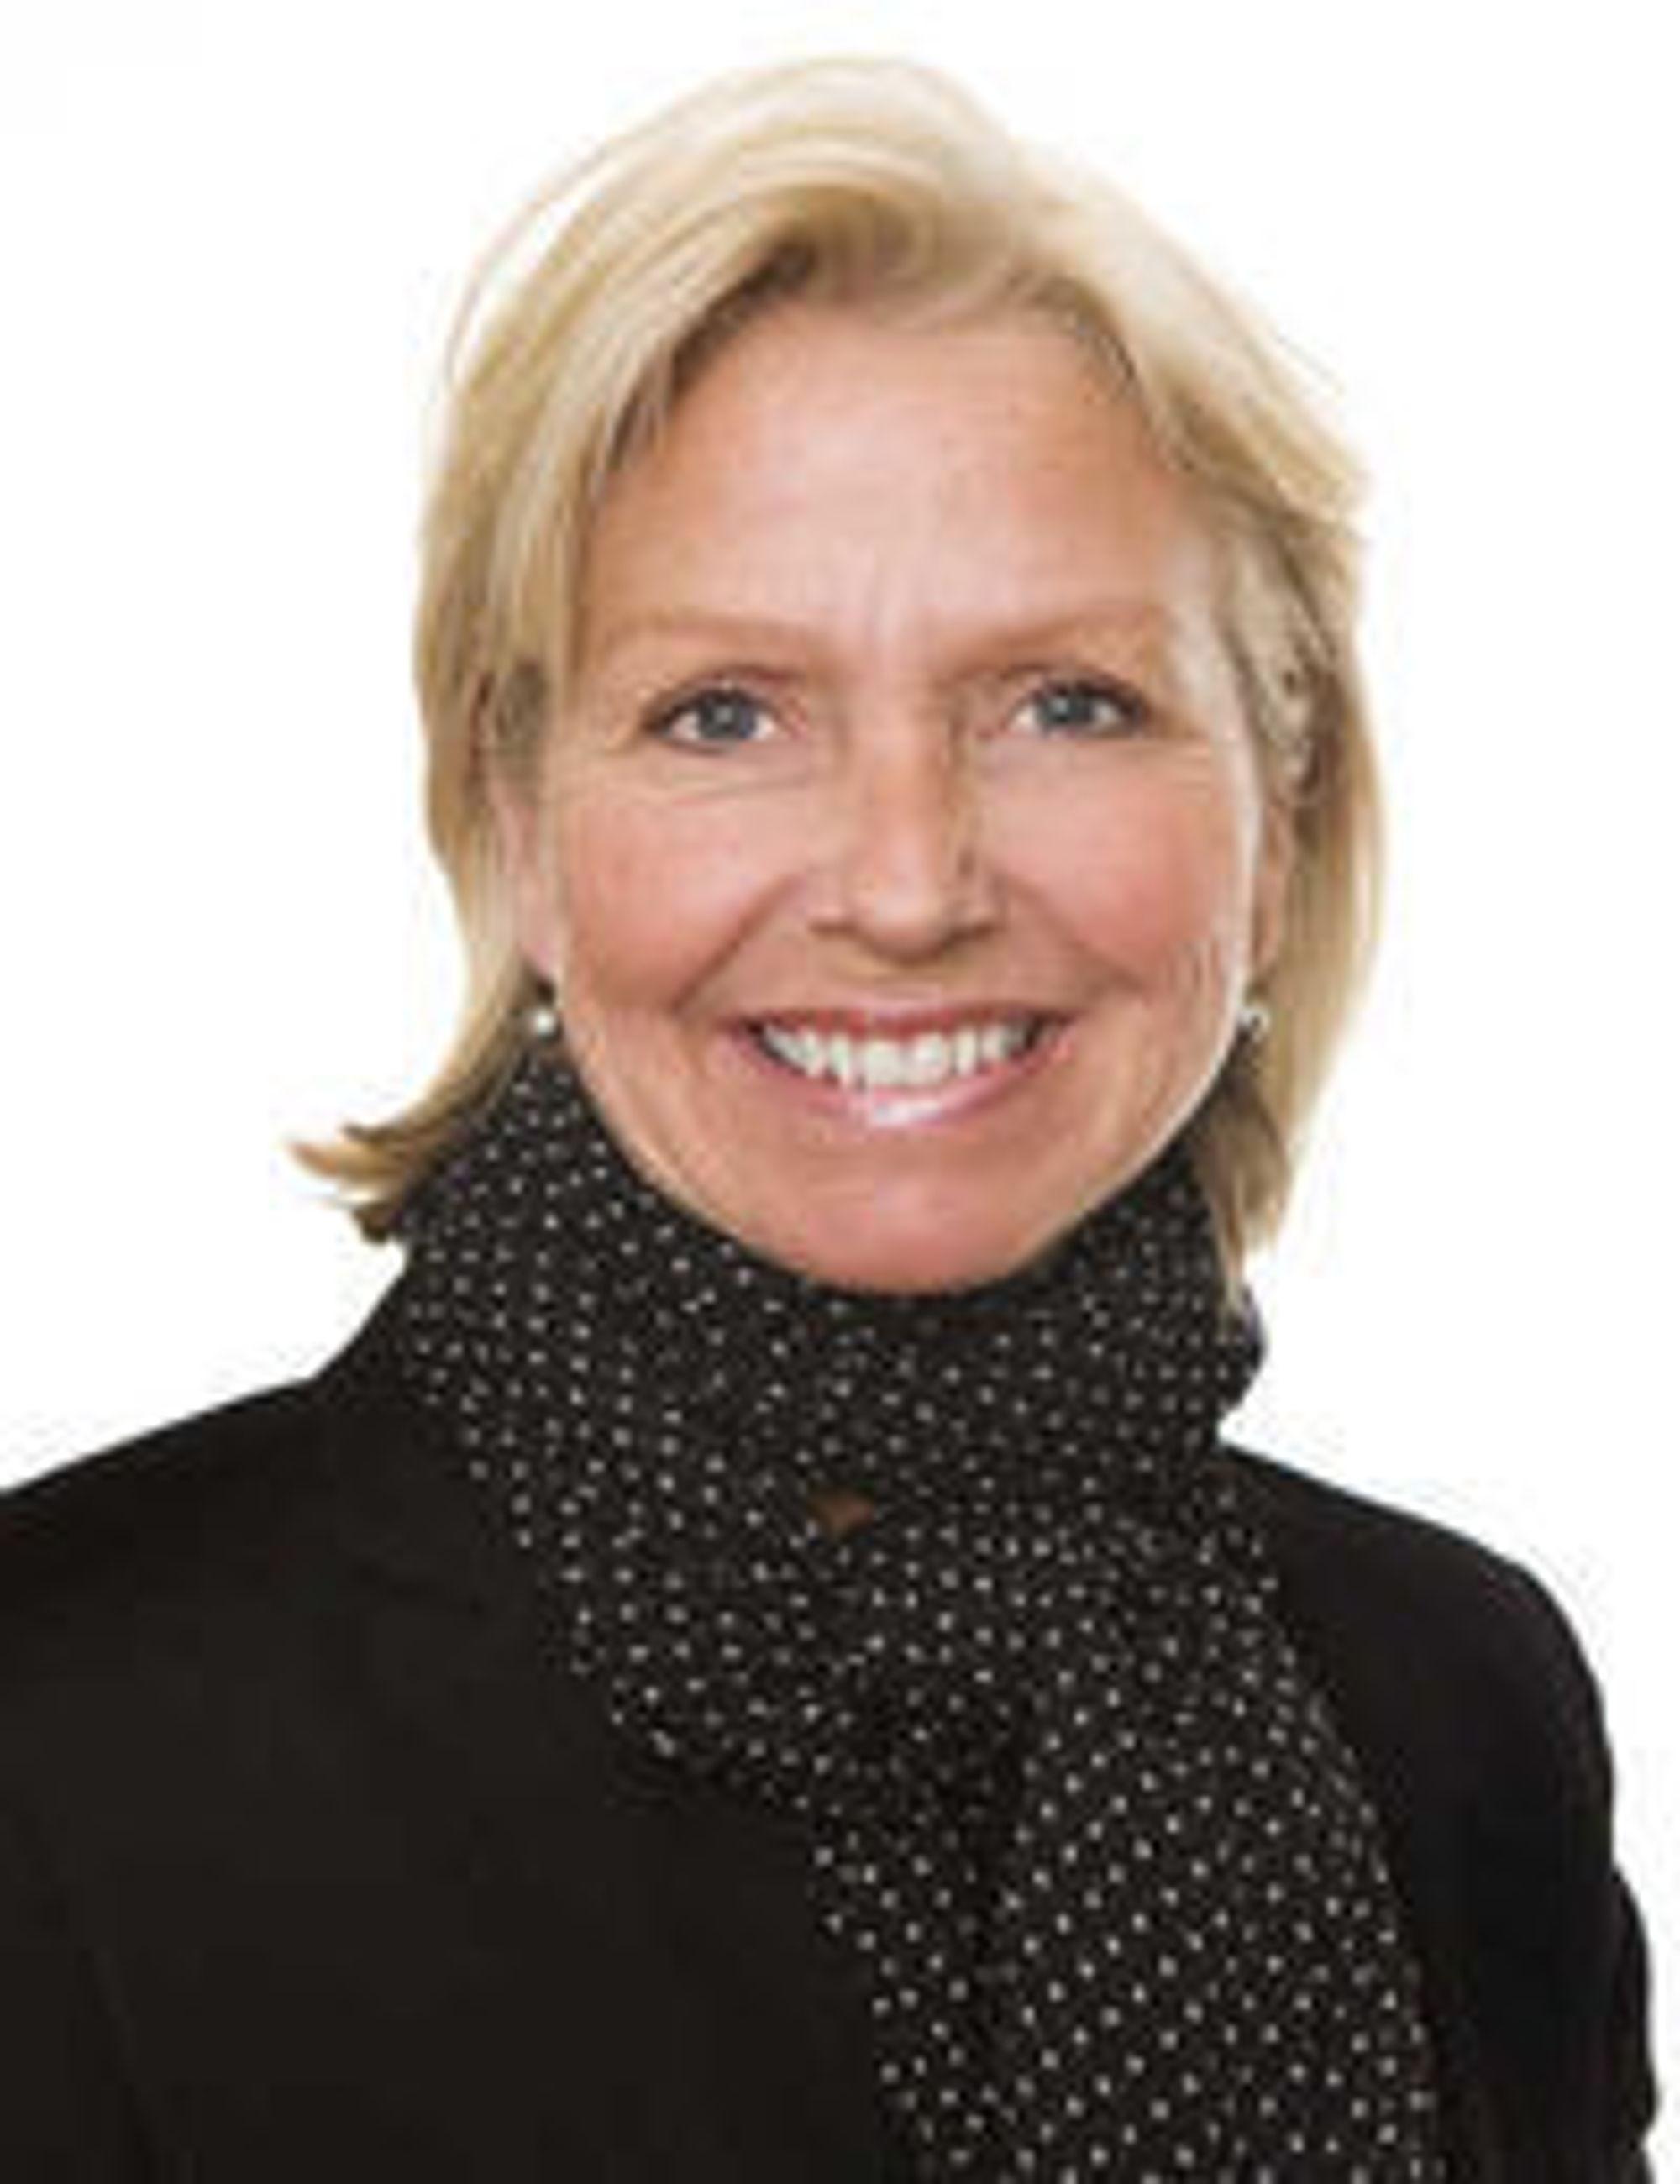 Fra 2004 til 2008 var Berit Kjøll divisjonsdirektør i Telenor, med ansvar for mobil, bredbånd og telefoni til det norske personmarkedet.